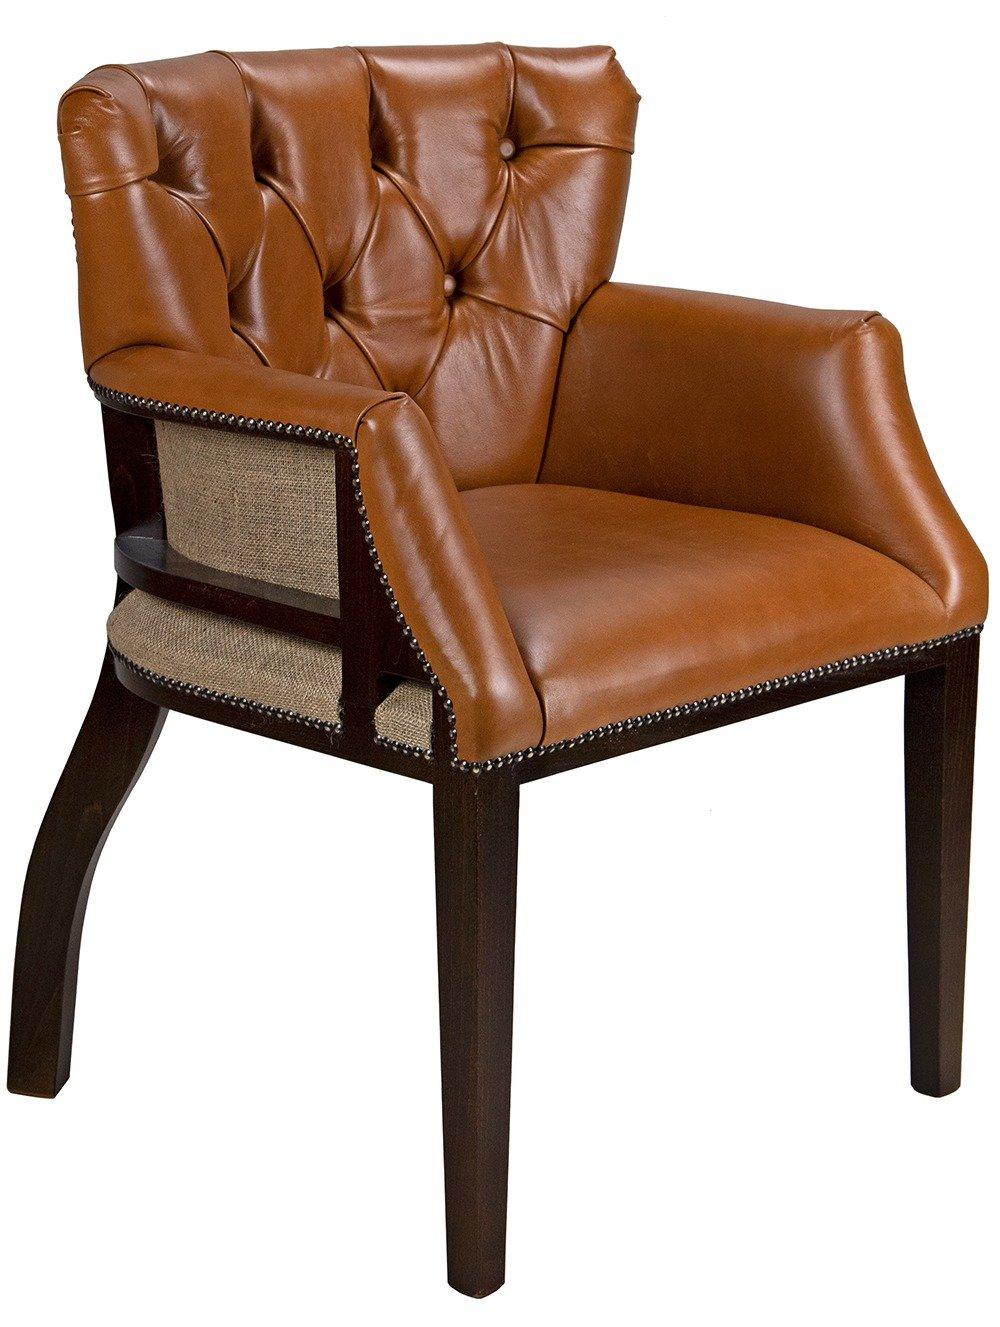 Deconstructed Harrow Tub Chair